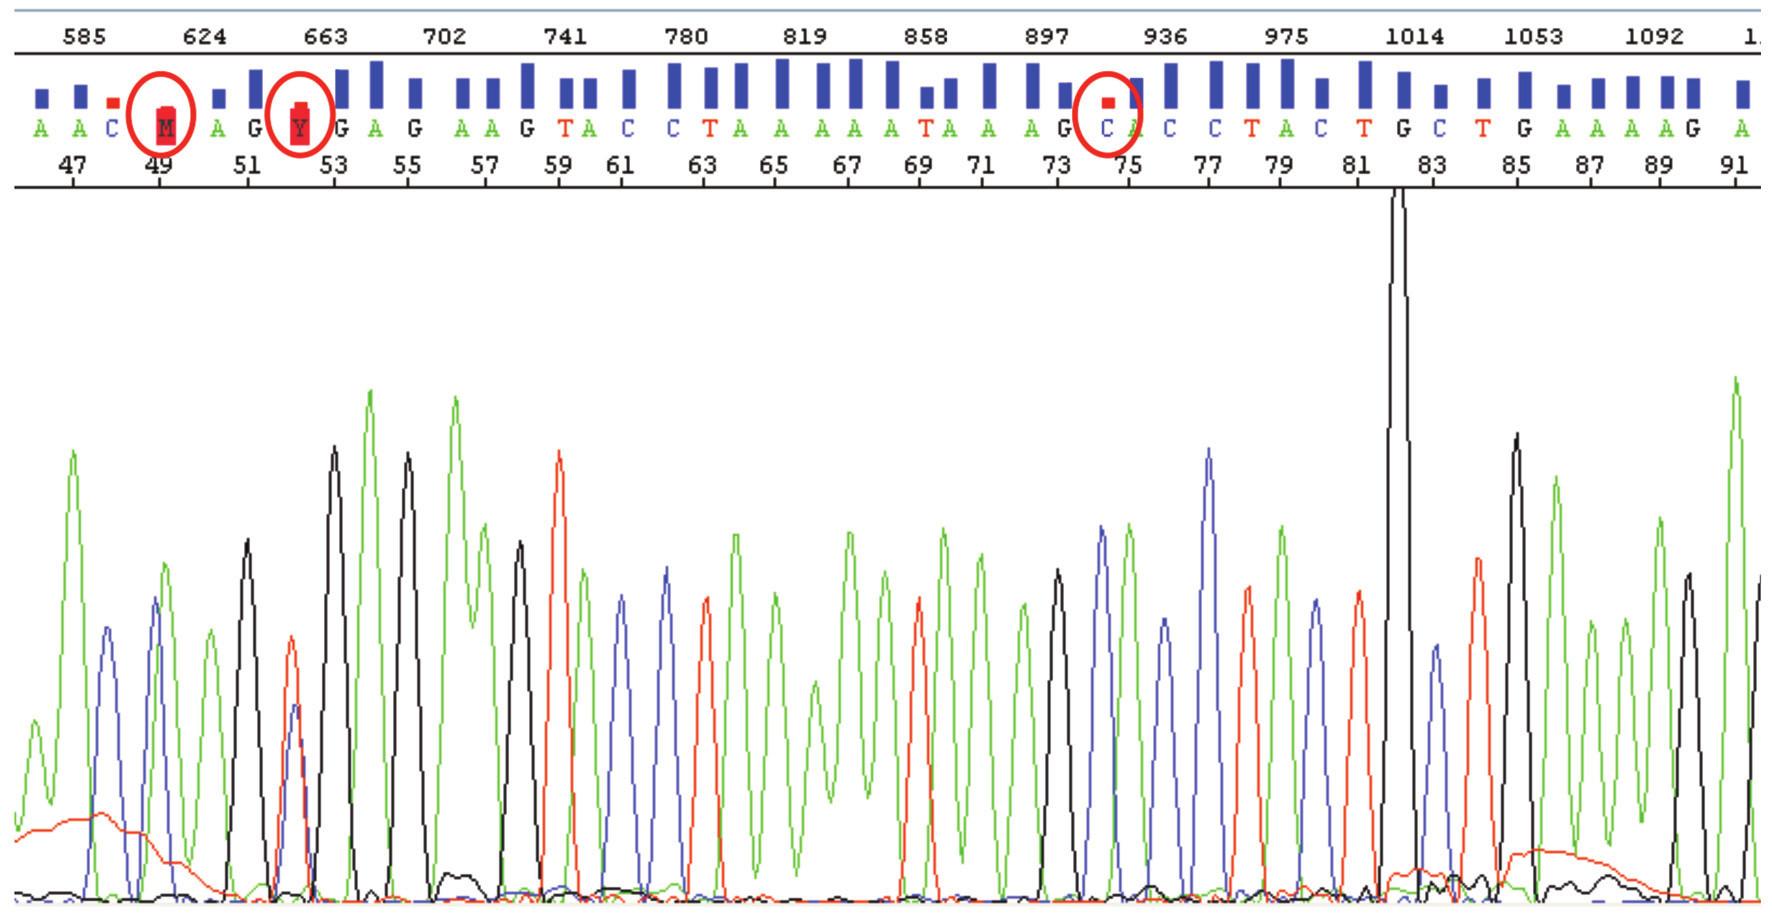 """Výstup ze sekvenátoru s analýzou části exonu 15 genu APC (sekvence v rozsahu bází 46-91) s graficky vyznačenými Q-hodnotami (sloupec nad jednotlivými bázemi). Většina Q hodnot se pohybuje mezi 20 a 50 (pravděpodobnost správného vyhodnocení báze softwarem 99 % až 99,999 %). Zakroužkovány jsou problematicky určené báze. Báze nazvaná M na pozici 49 s Q hodnotou 1, je chybně určená jako C/A pík v jedné pozici. Jedná se o klasickou """"basecall"""" chybu vyhodnocovacího software. Správně je CA ve dvou za sebou jdoucích pozicích. Báze zvaná Y na pozici 52 má Q hodnotu 9 a jde o správně určenou mutaci genu APC. Mutace je v heterozygotním stavu, na jednom chromozomu """"wild-type"""" C, na druhém mutace vedoucí k záměně tohoto C za T. Báze C na pozici 74 opět s nízkou Q hodnotou je určená správně. Software pouze vzal v úvahu lehký překryv C a A píku."""